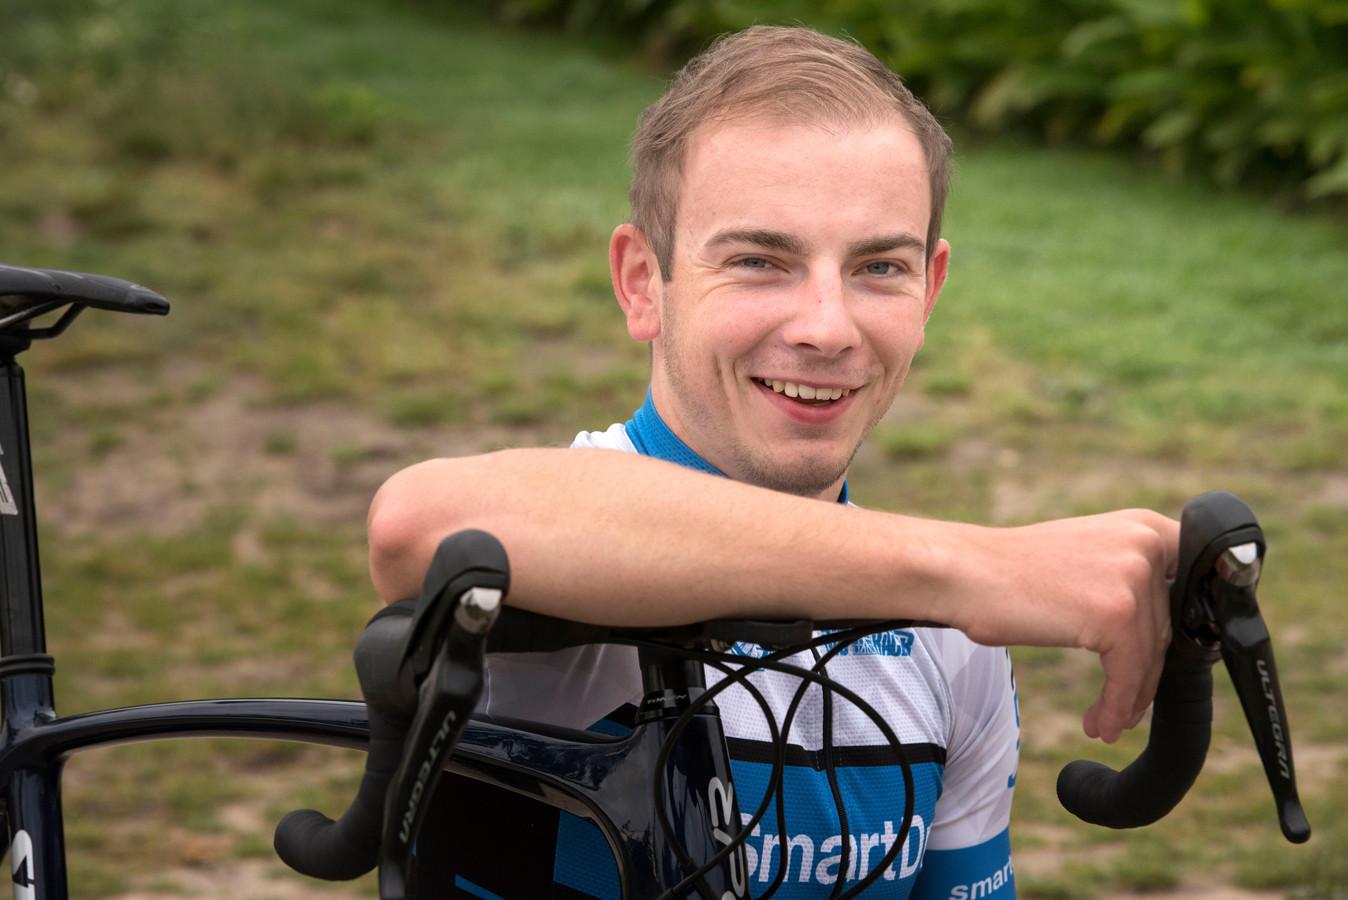 André Luijk fietst in 2019 voor De IJsselstreek, waar het collectief de kracht is.